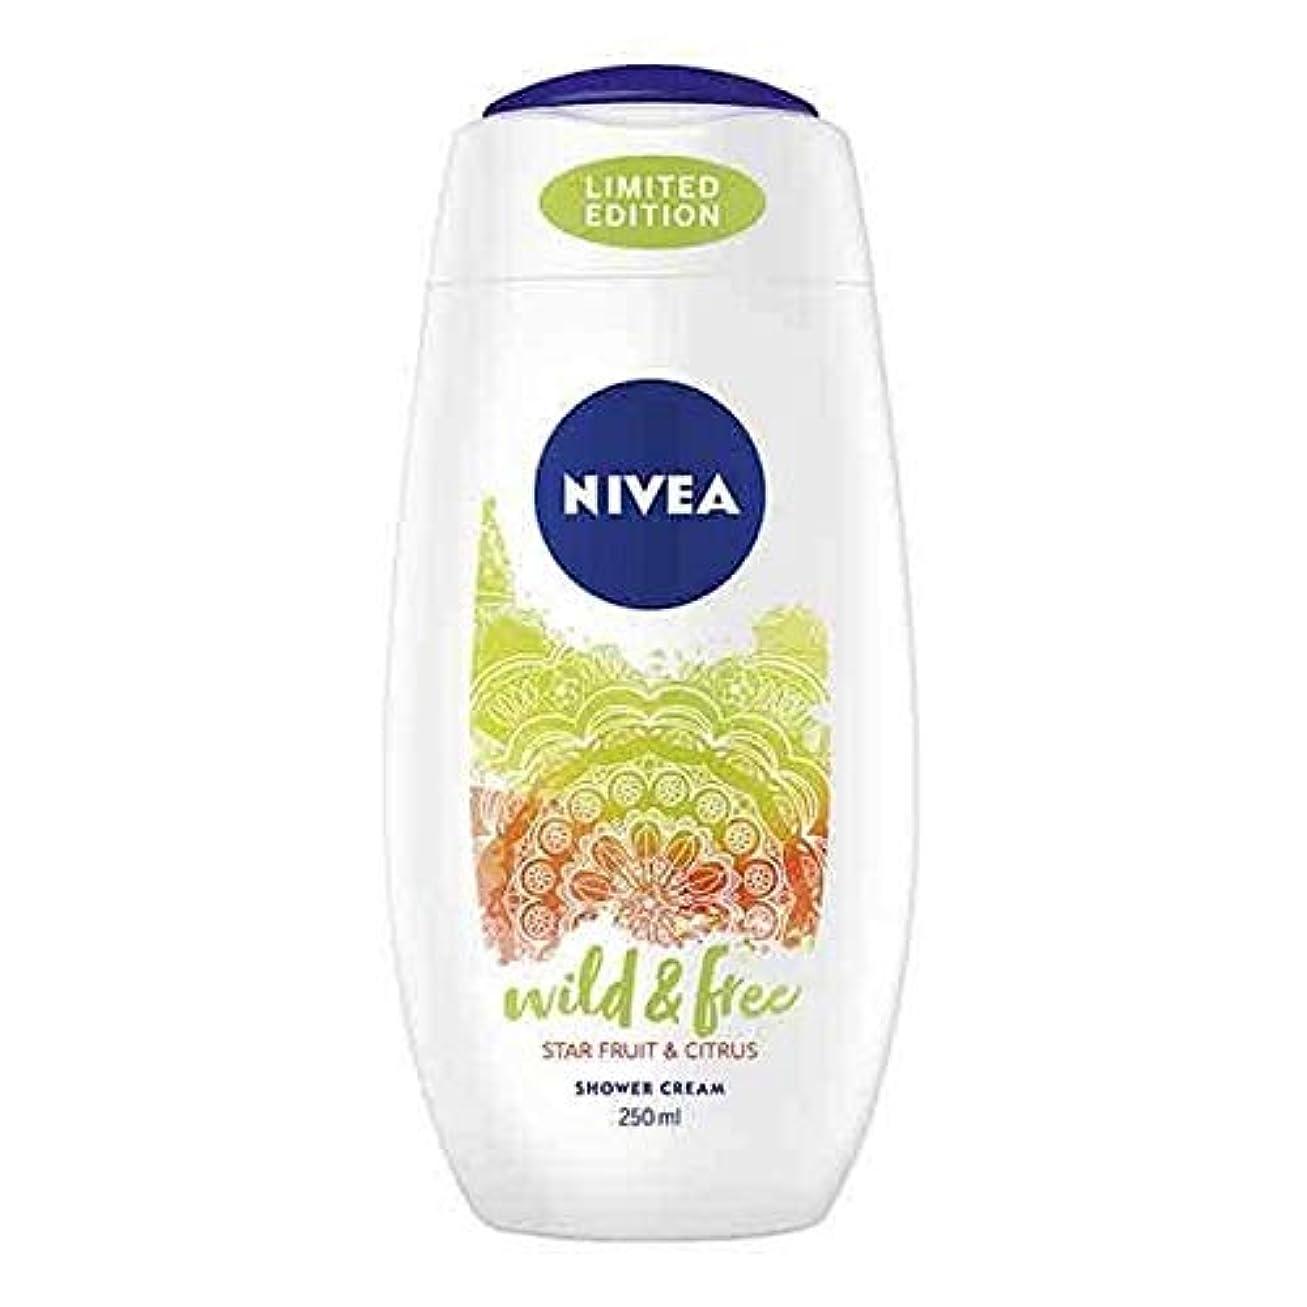 累計羨望実際に[Nivea ] ニベアシャワーワイルド&無料シトラス250ミリリットル - NIVEA Shower Wild & Free Citrus 250ml [並行輸入品]